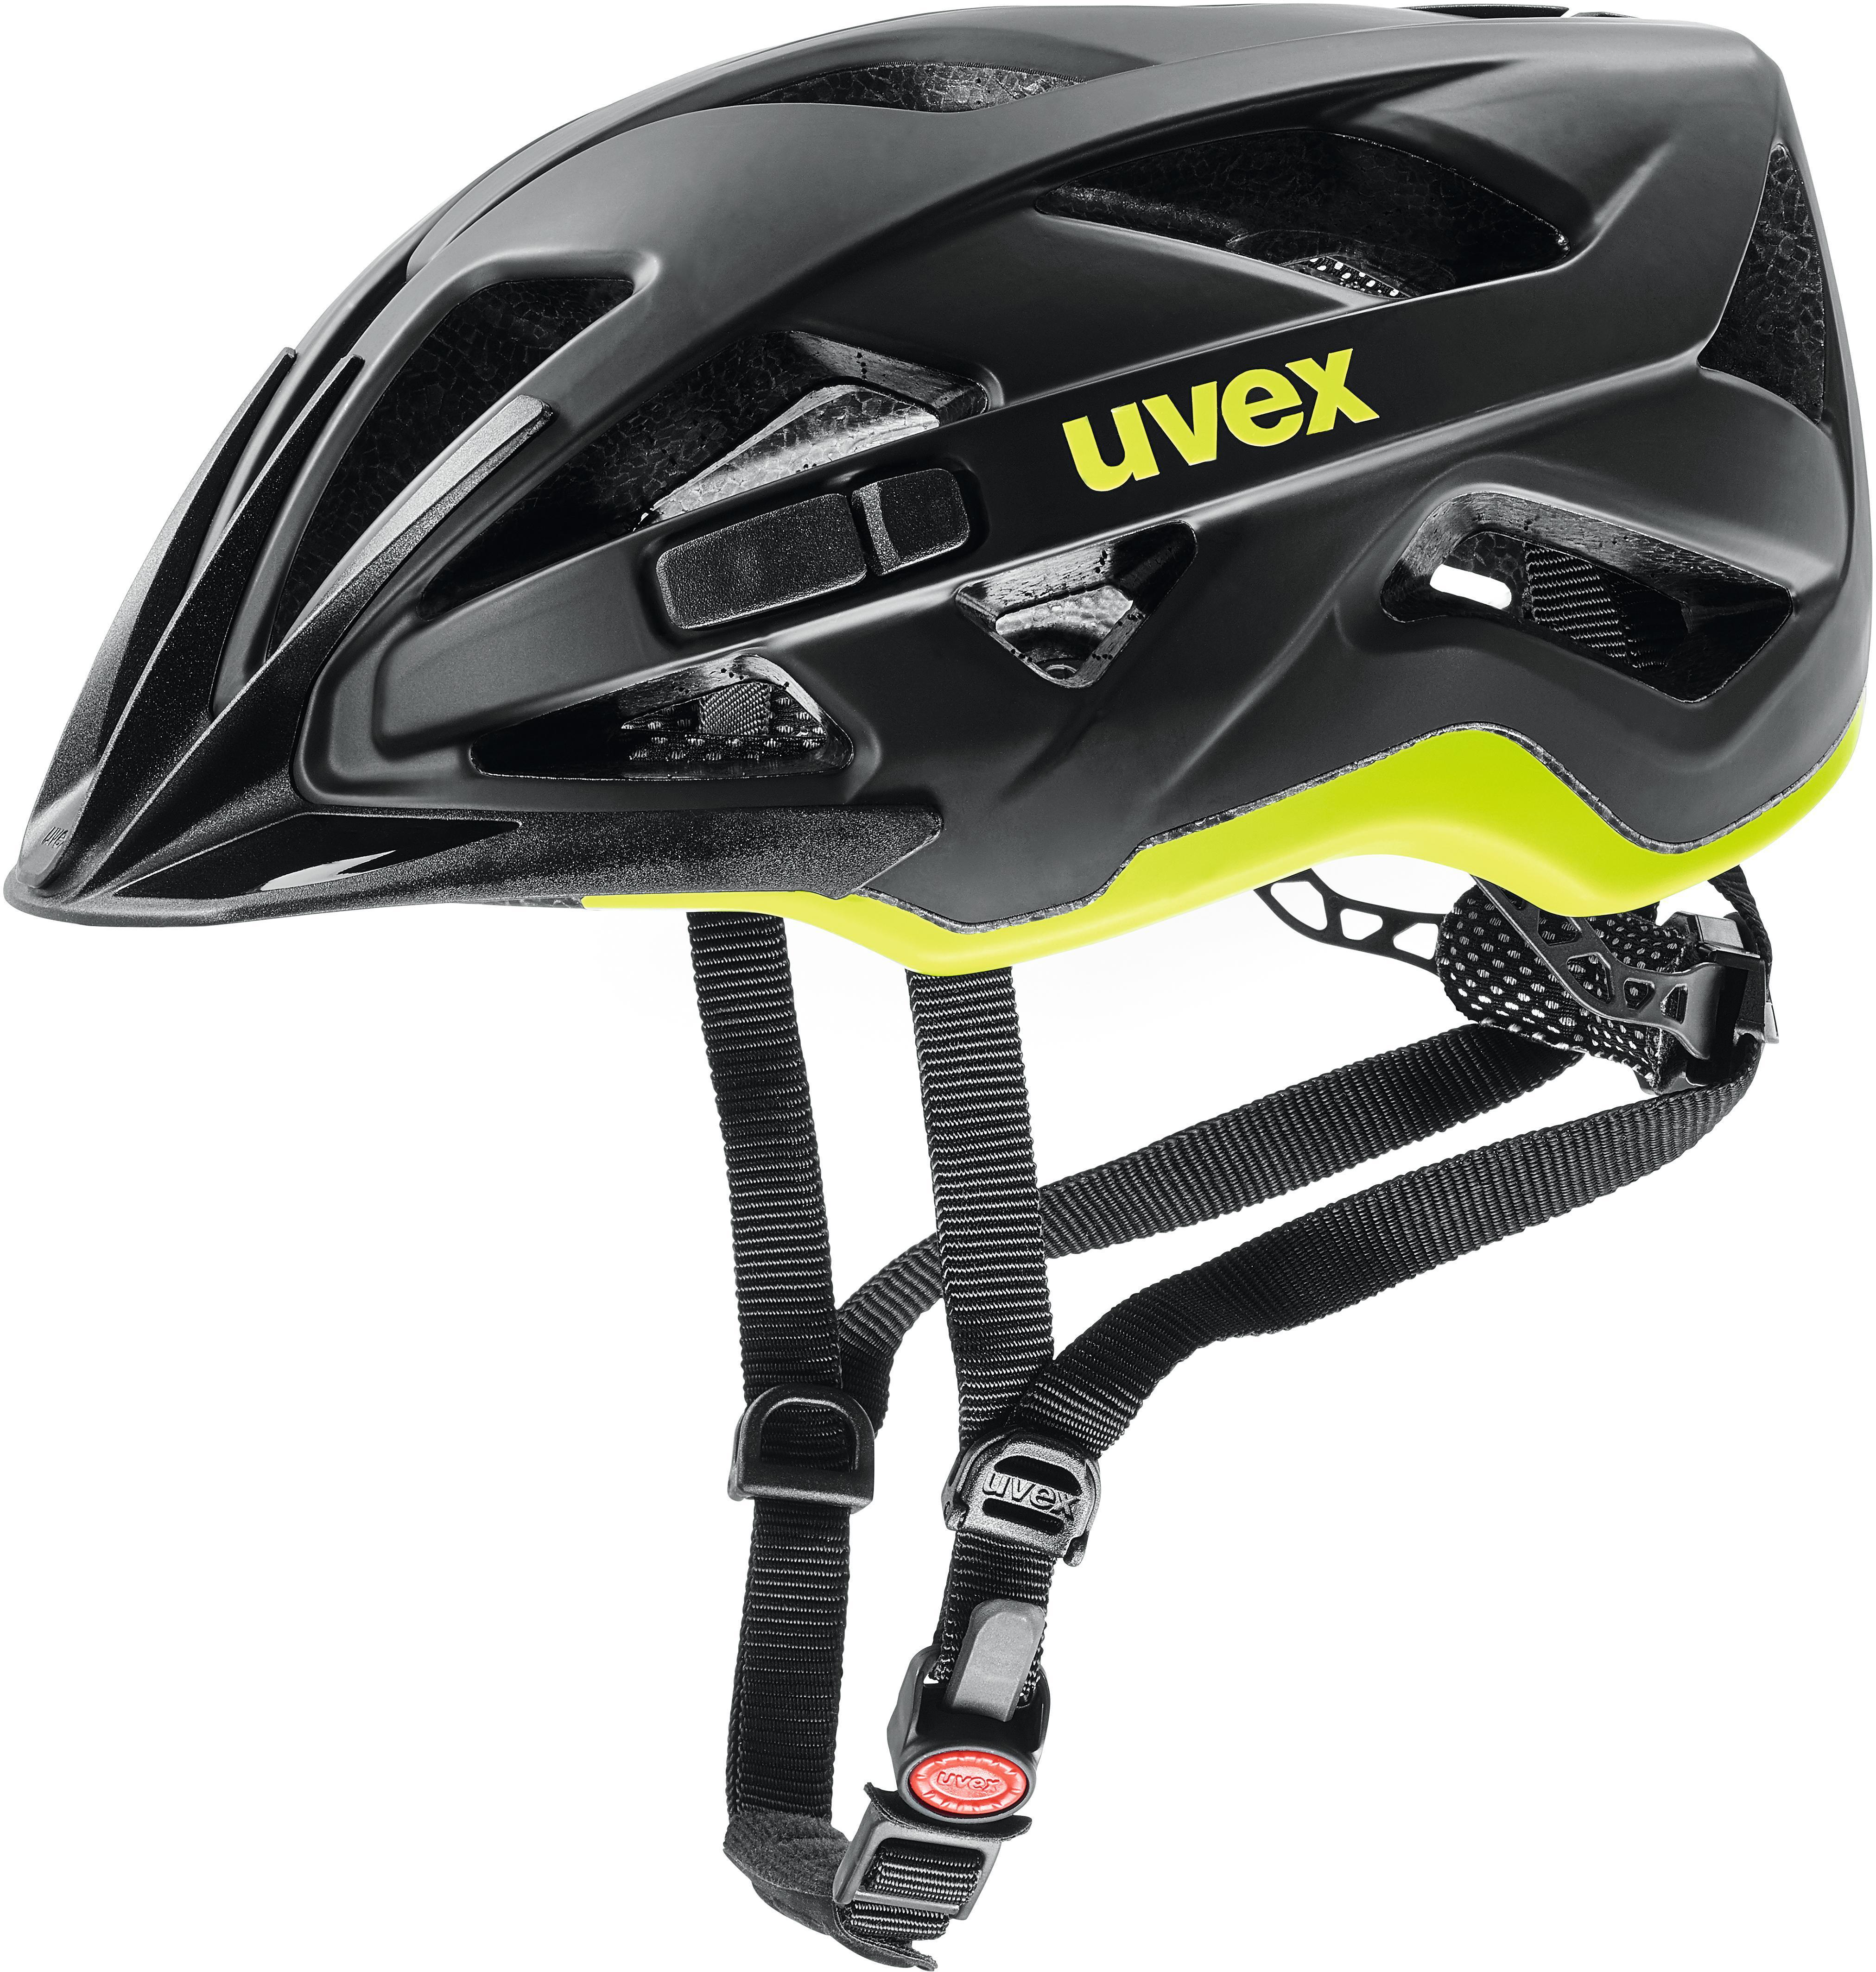 uvex active cc casco de bicicleta negro. Black Bedroom Furniture Sets. Home Design Ideas